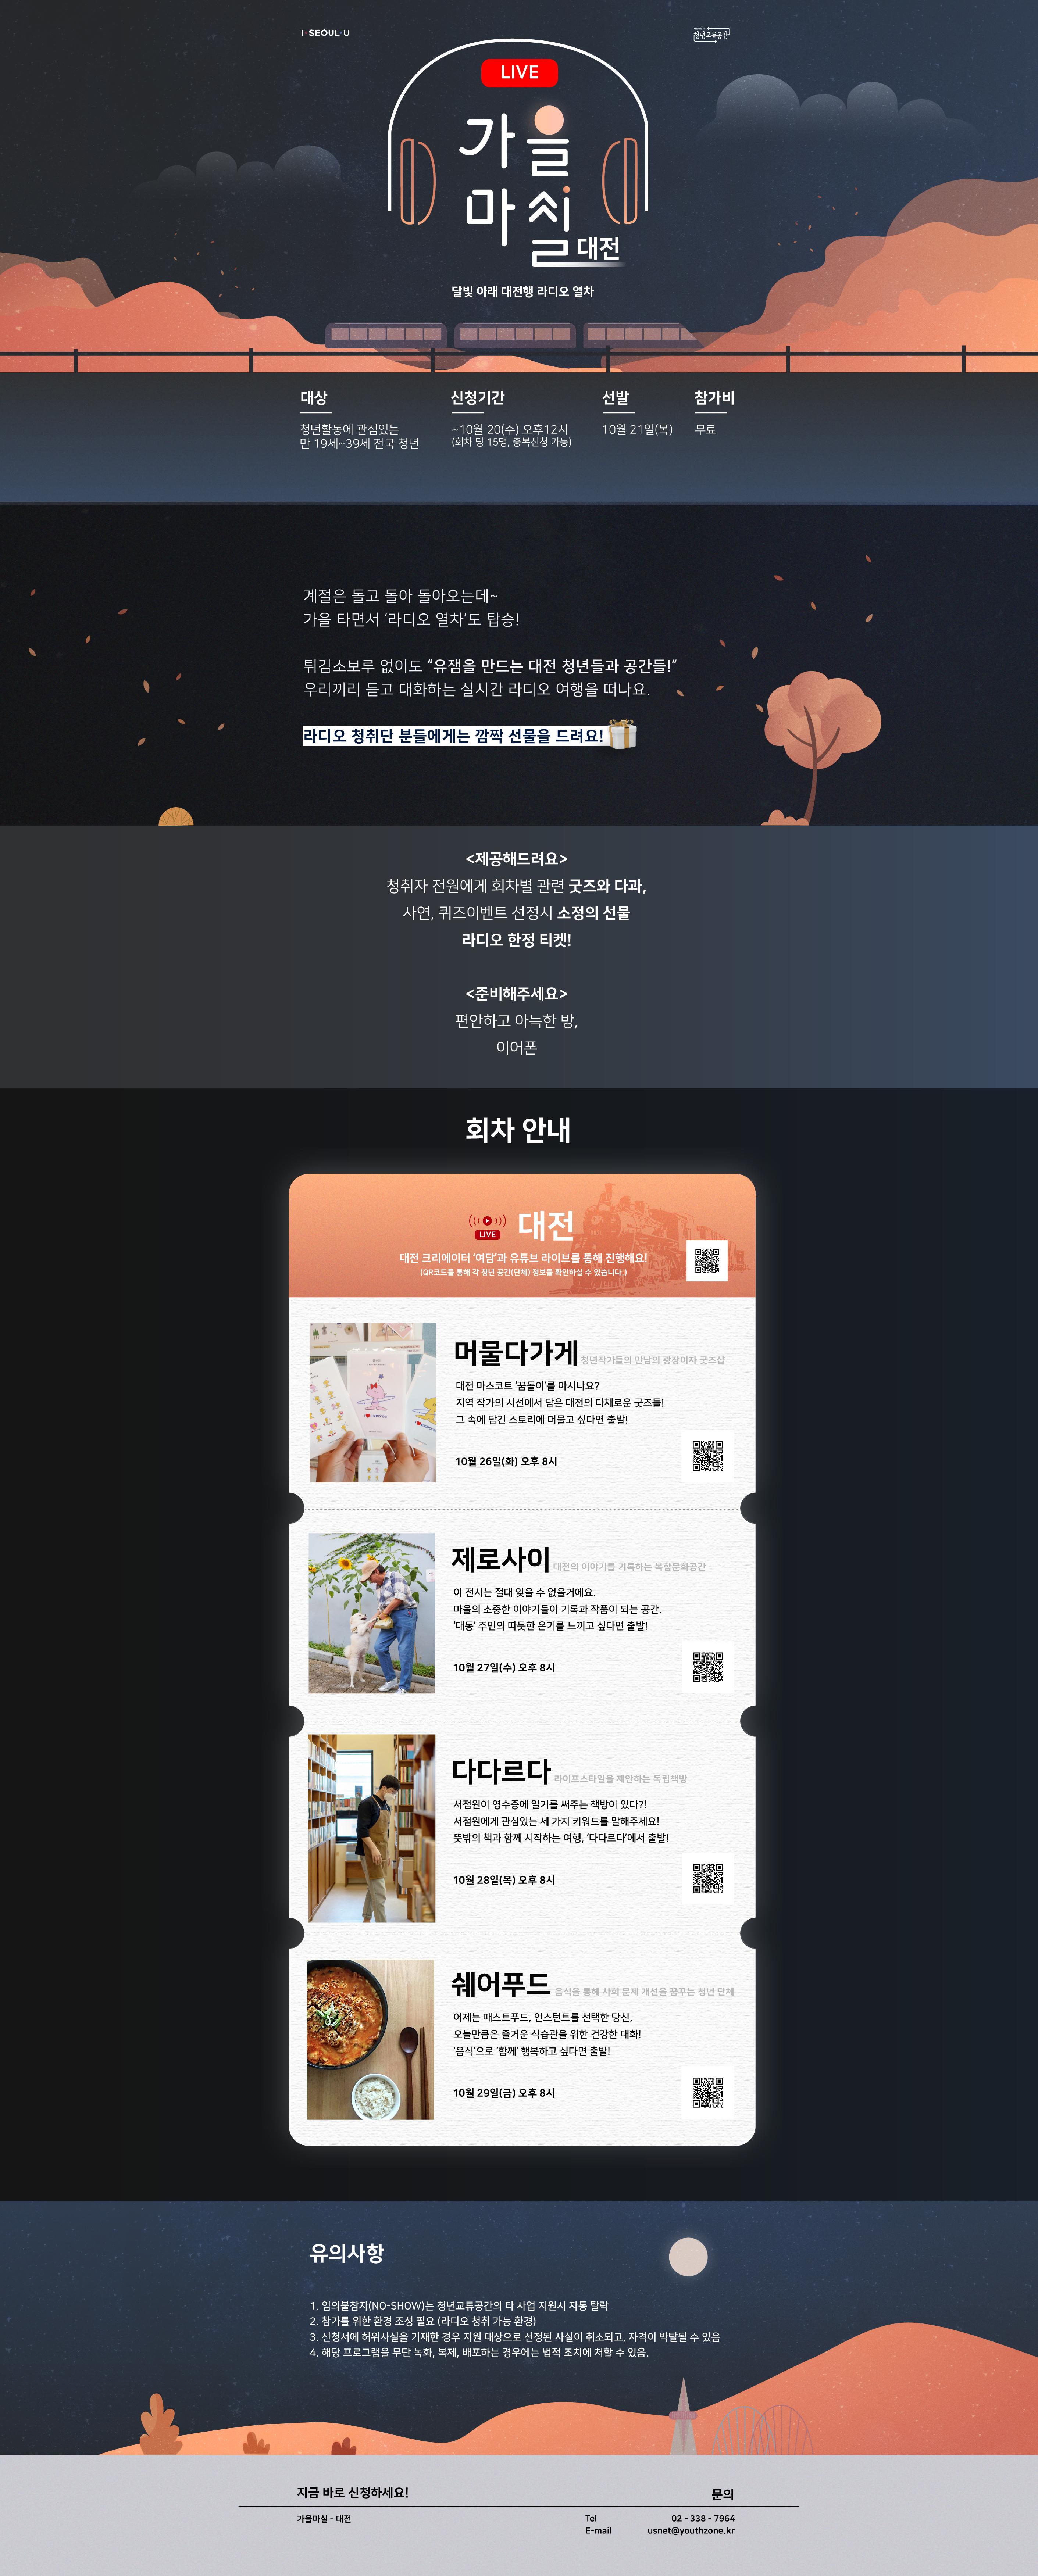 가을마실 - 달빛 아래 대전행 라디오 열차